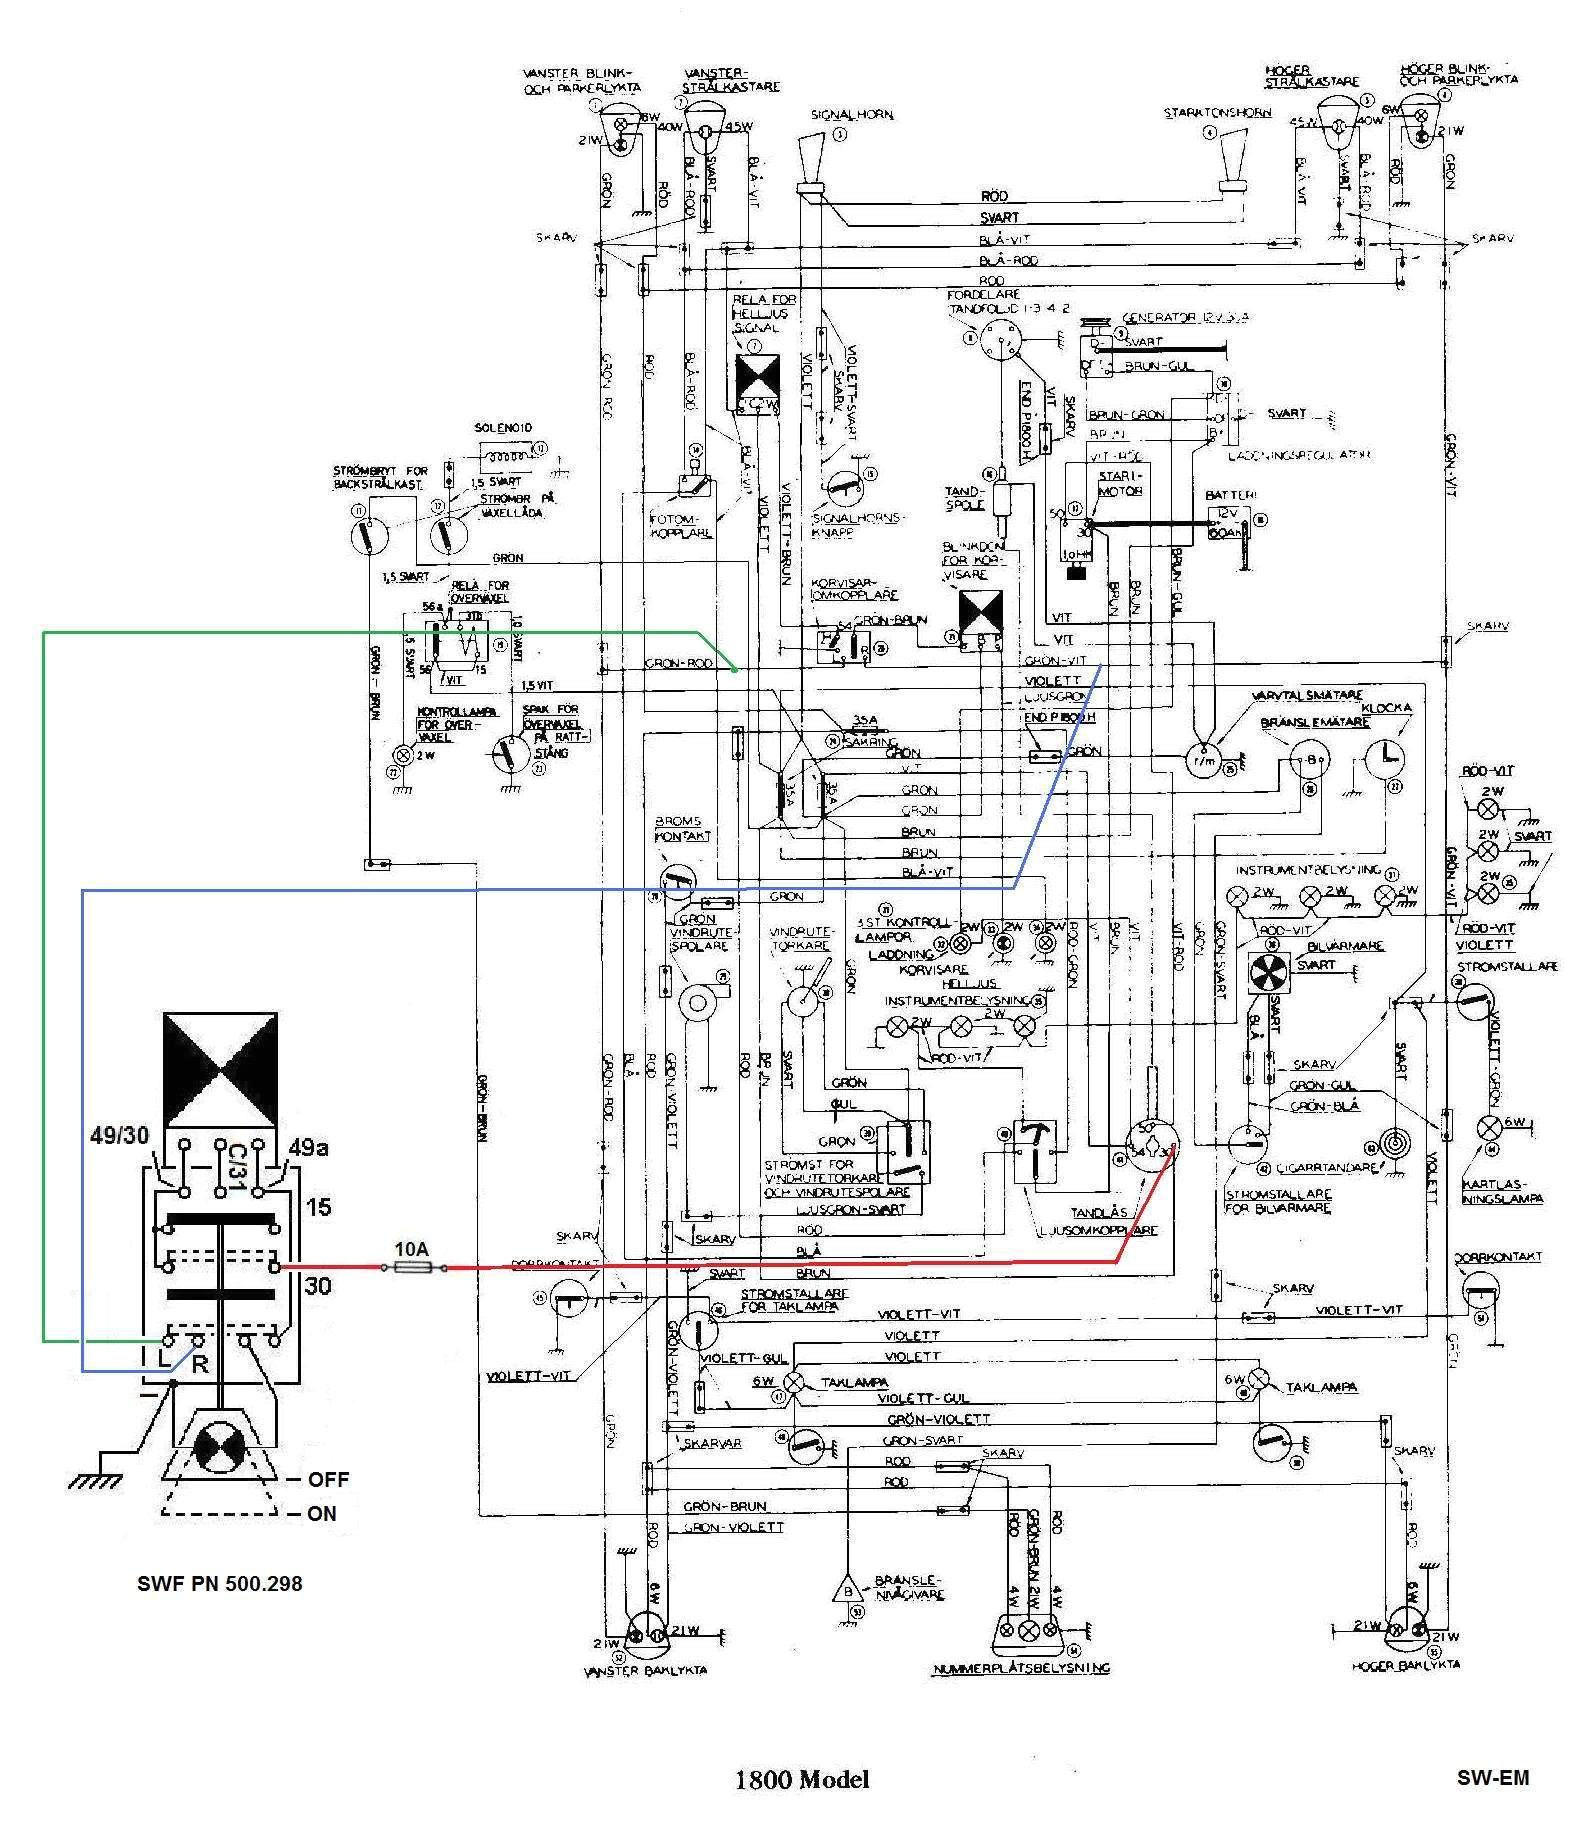 alpine ktp 445 wiring diagram alpine wire diagram wiring alpine amp wiring harness color code alpine ktp 445 wiring diagram jpg